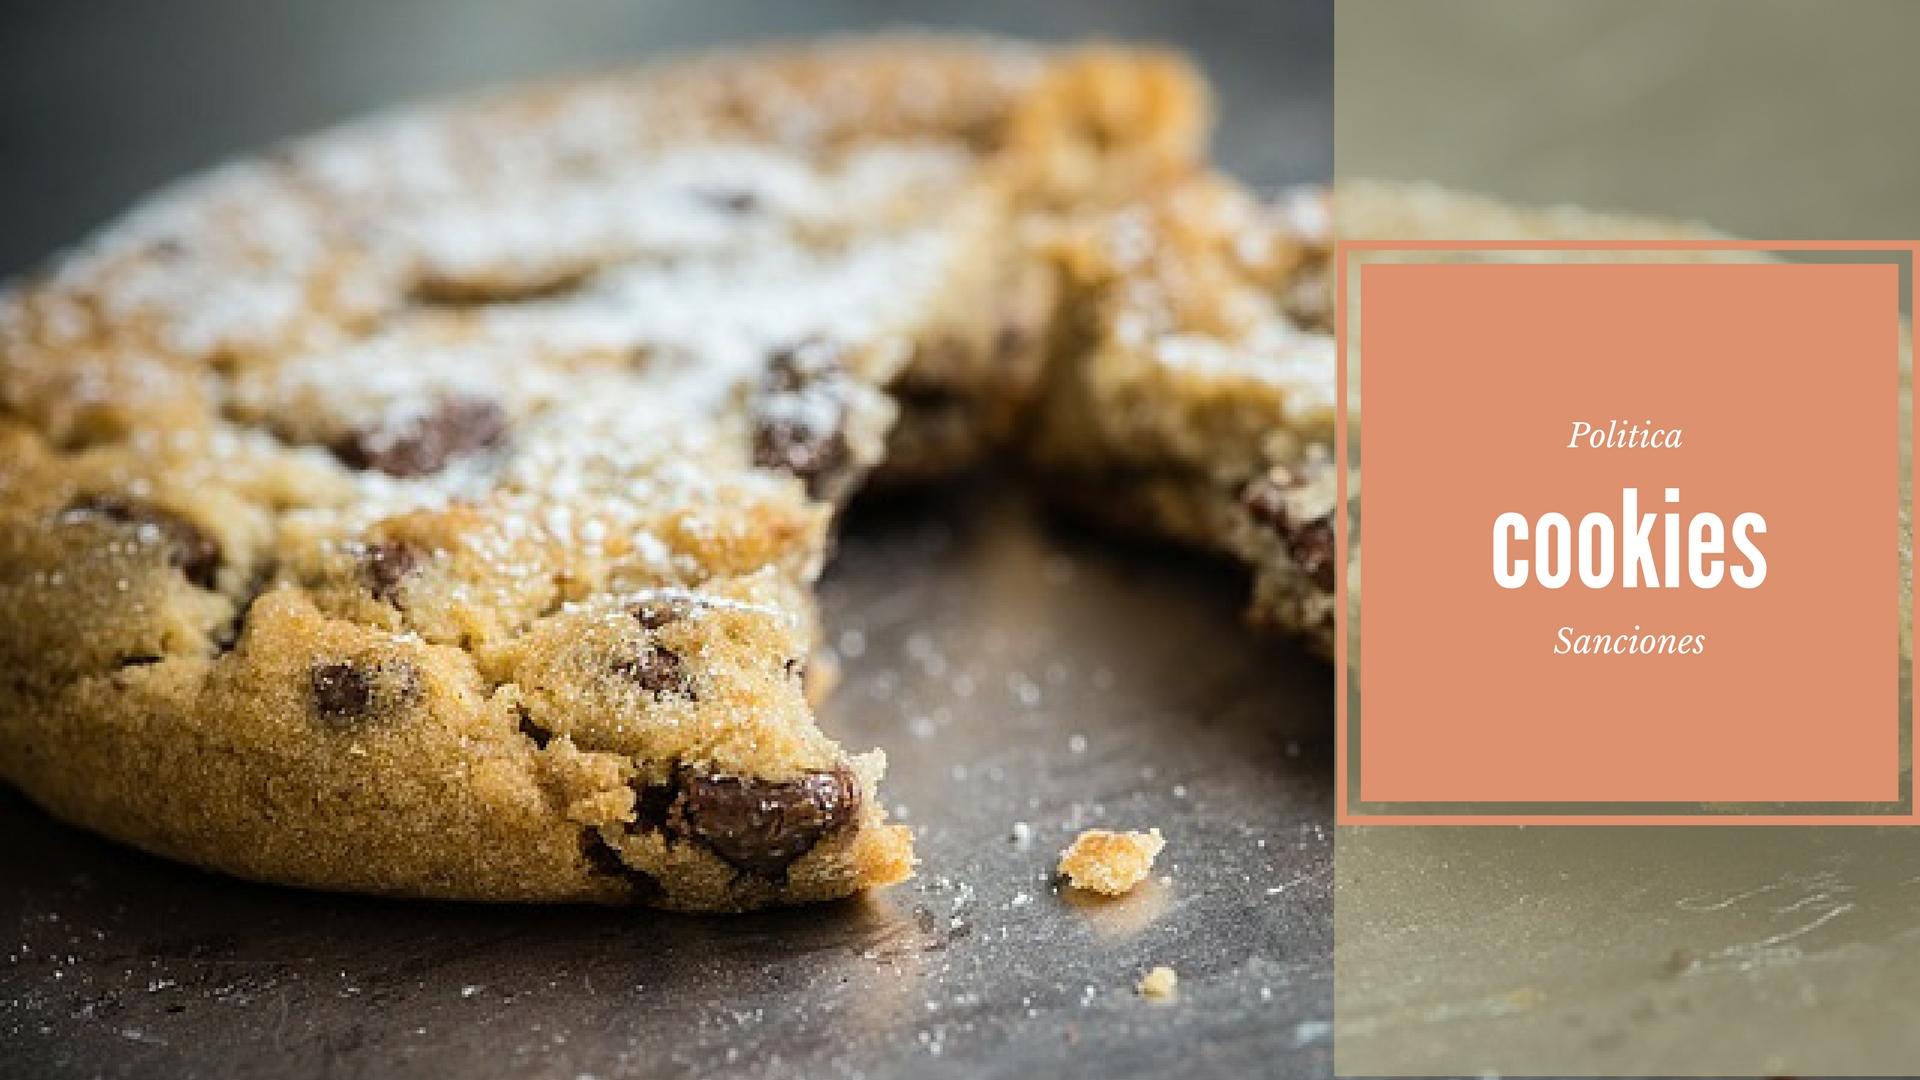 Ley de cookies y sanciones